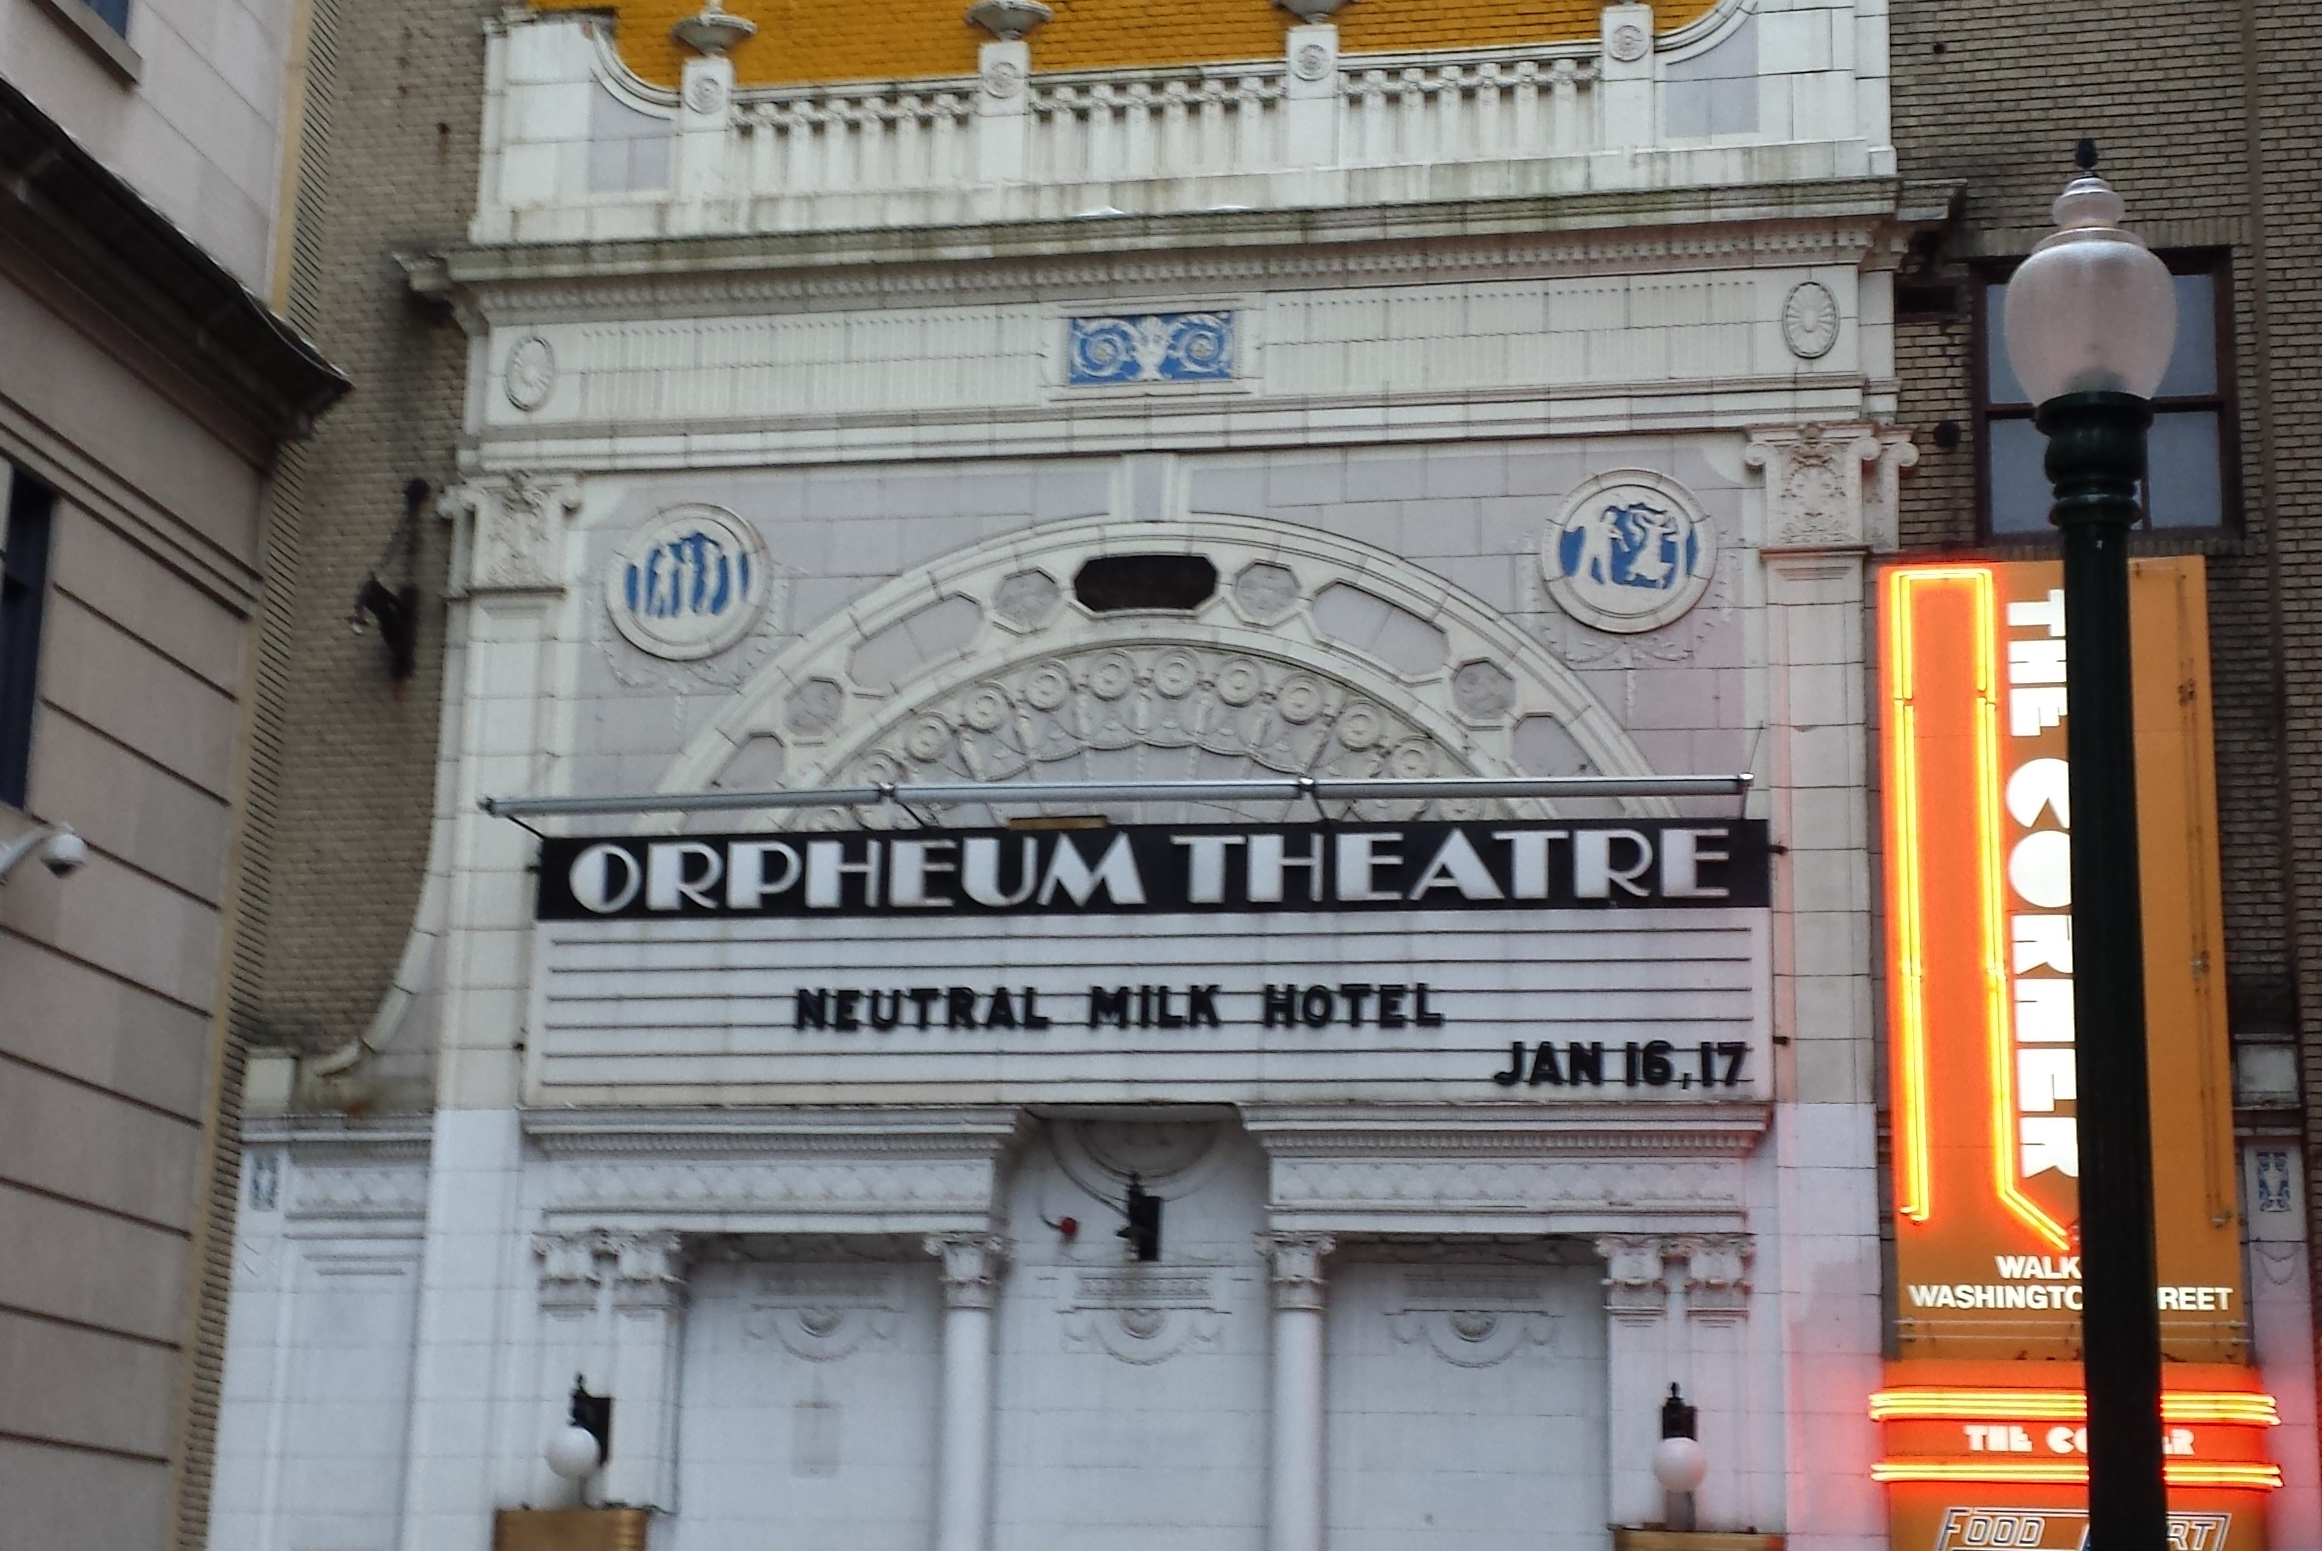 The beautiful Orpheum Theatre